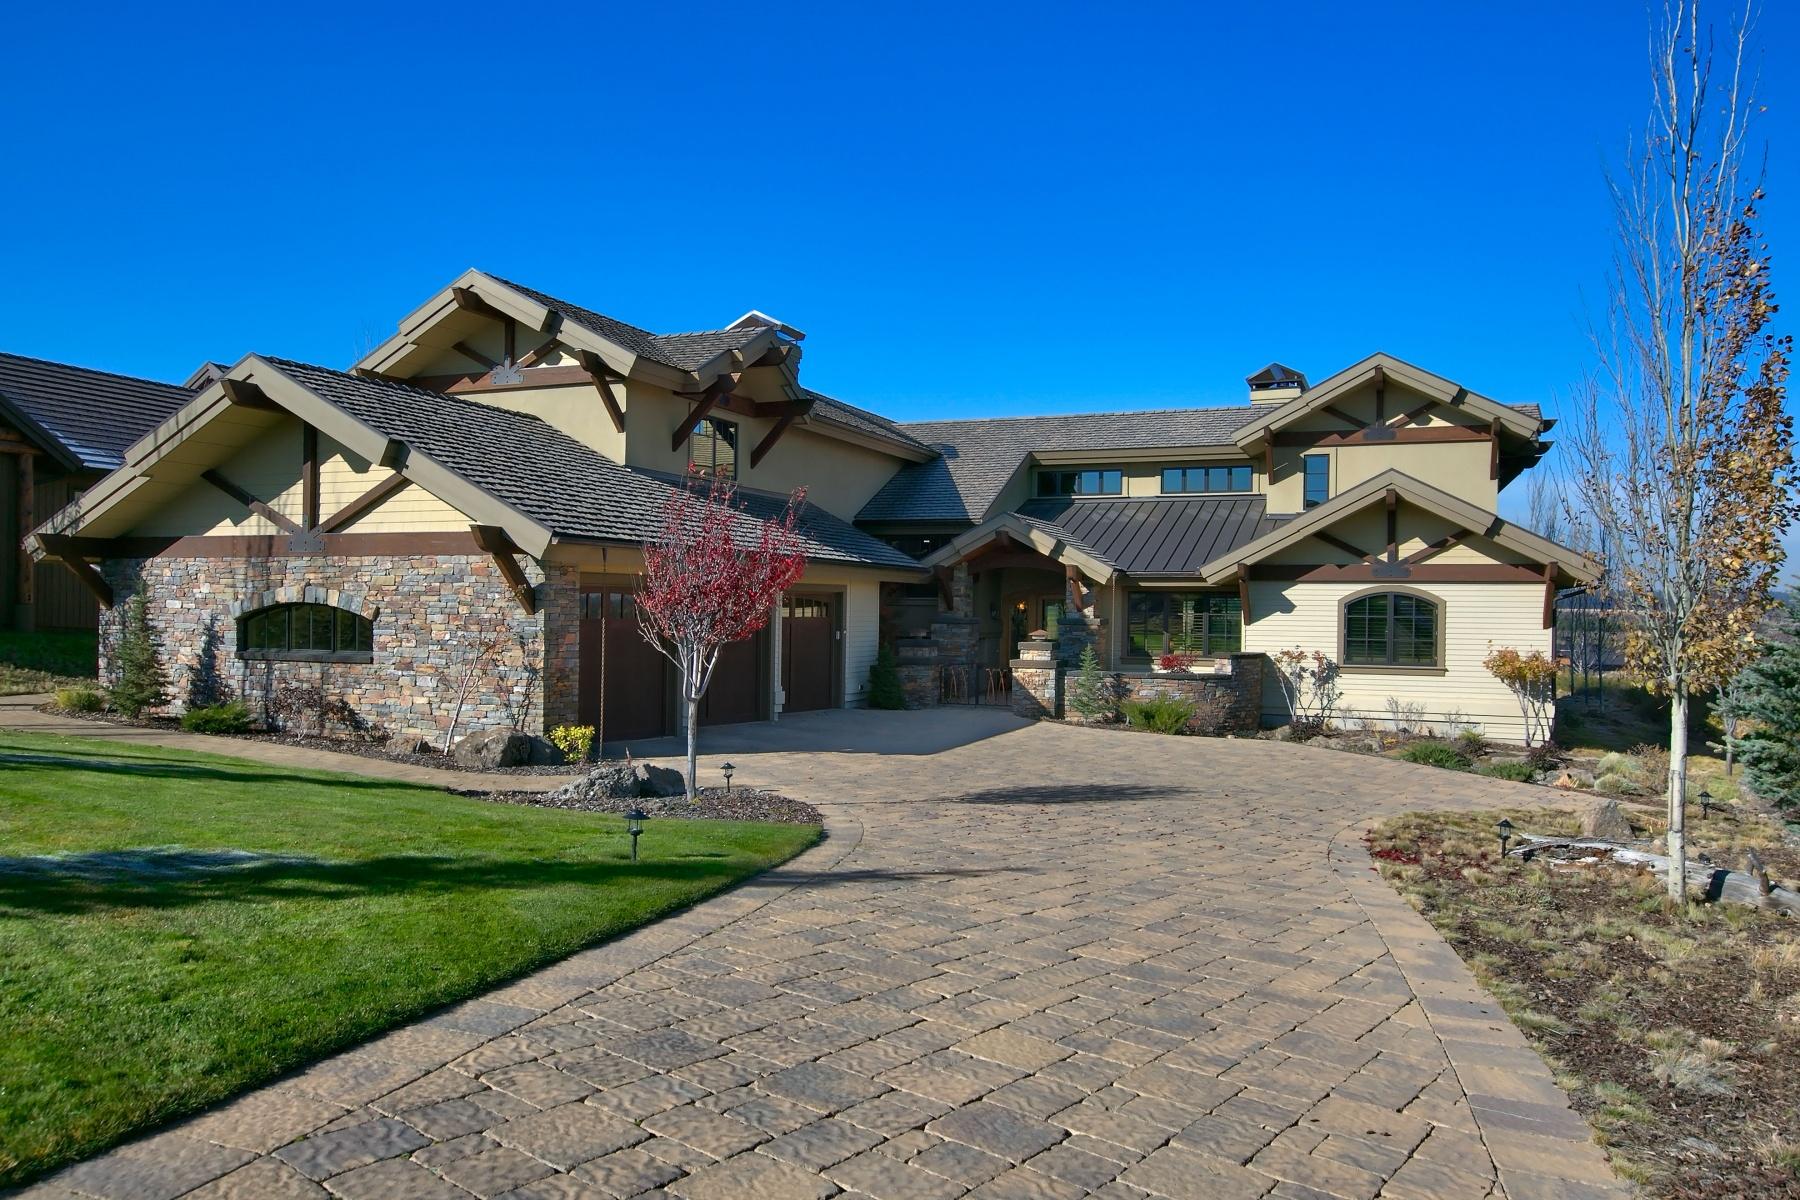 Maison unifamiliale pour l Vente à Exsquisite Custom Home in Tetherow 61451 Skene Trl Bend, Oregon, 97702 États-Unis